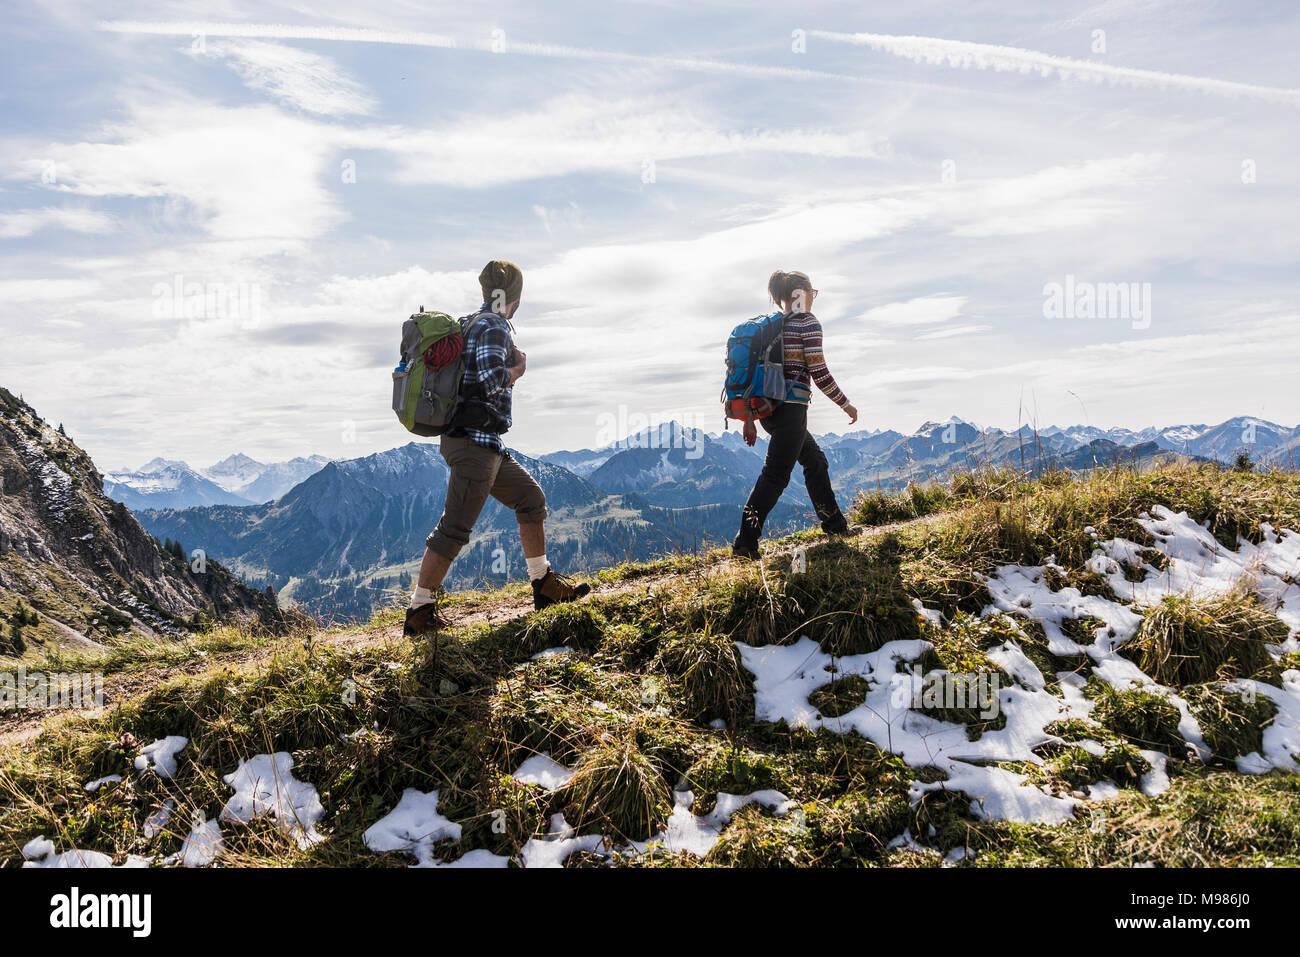 Österreich, Tirol, junges Paar Wandern in den Bergen Stockbild